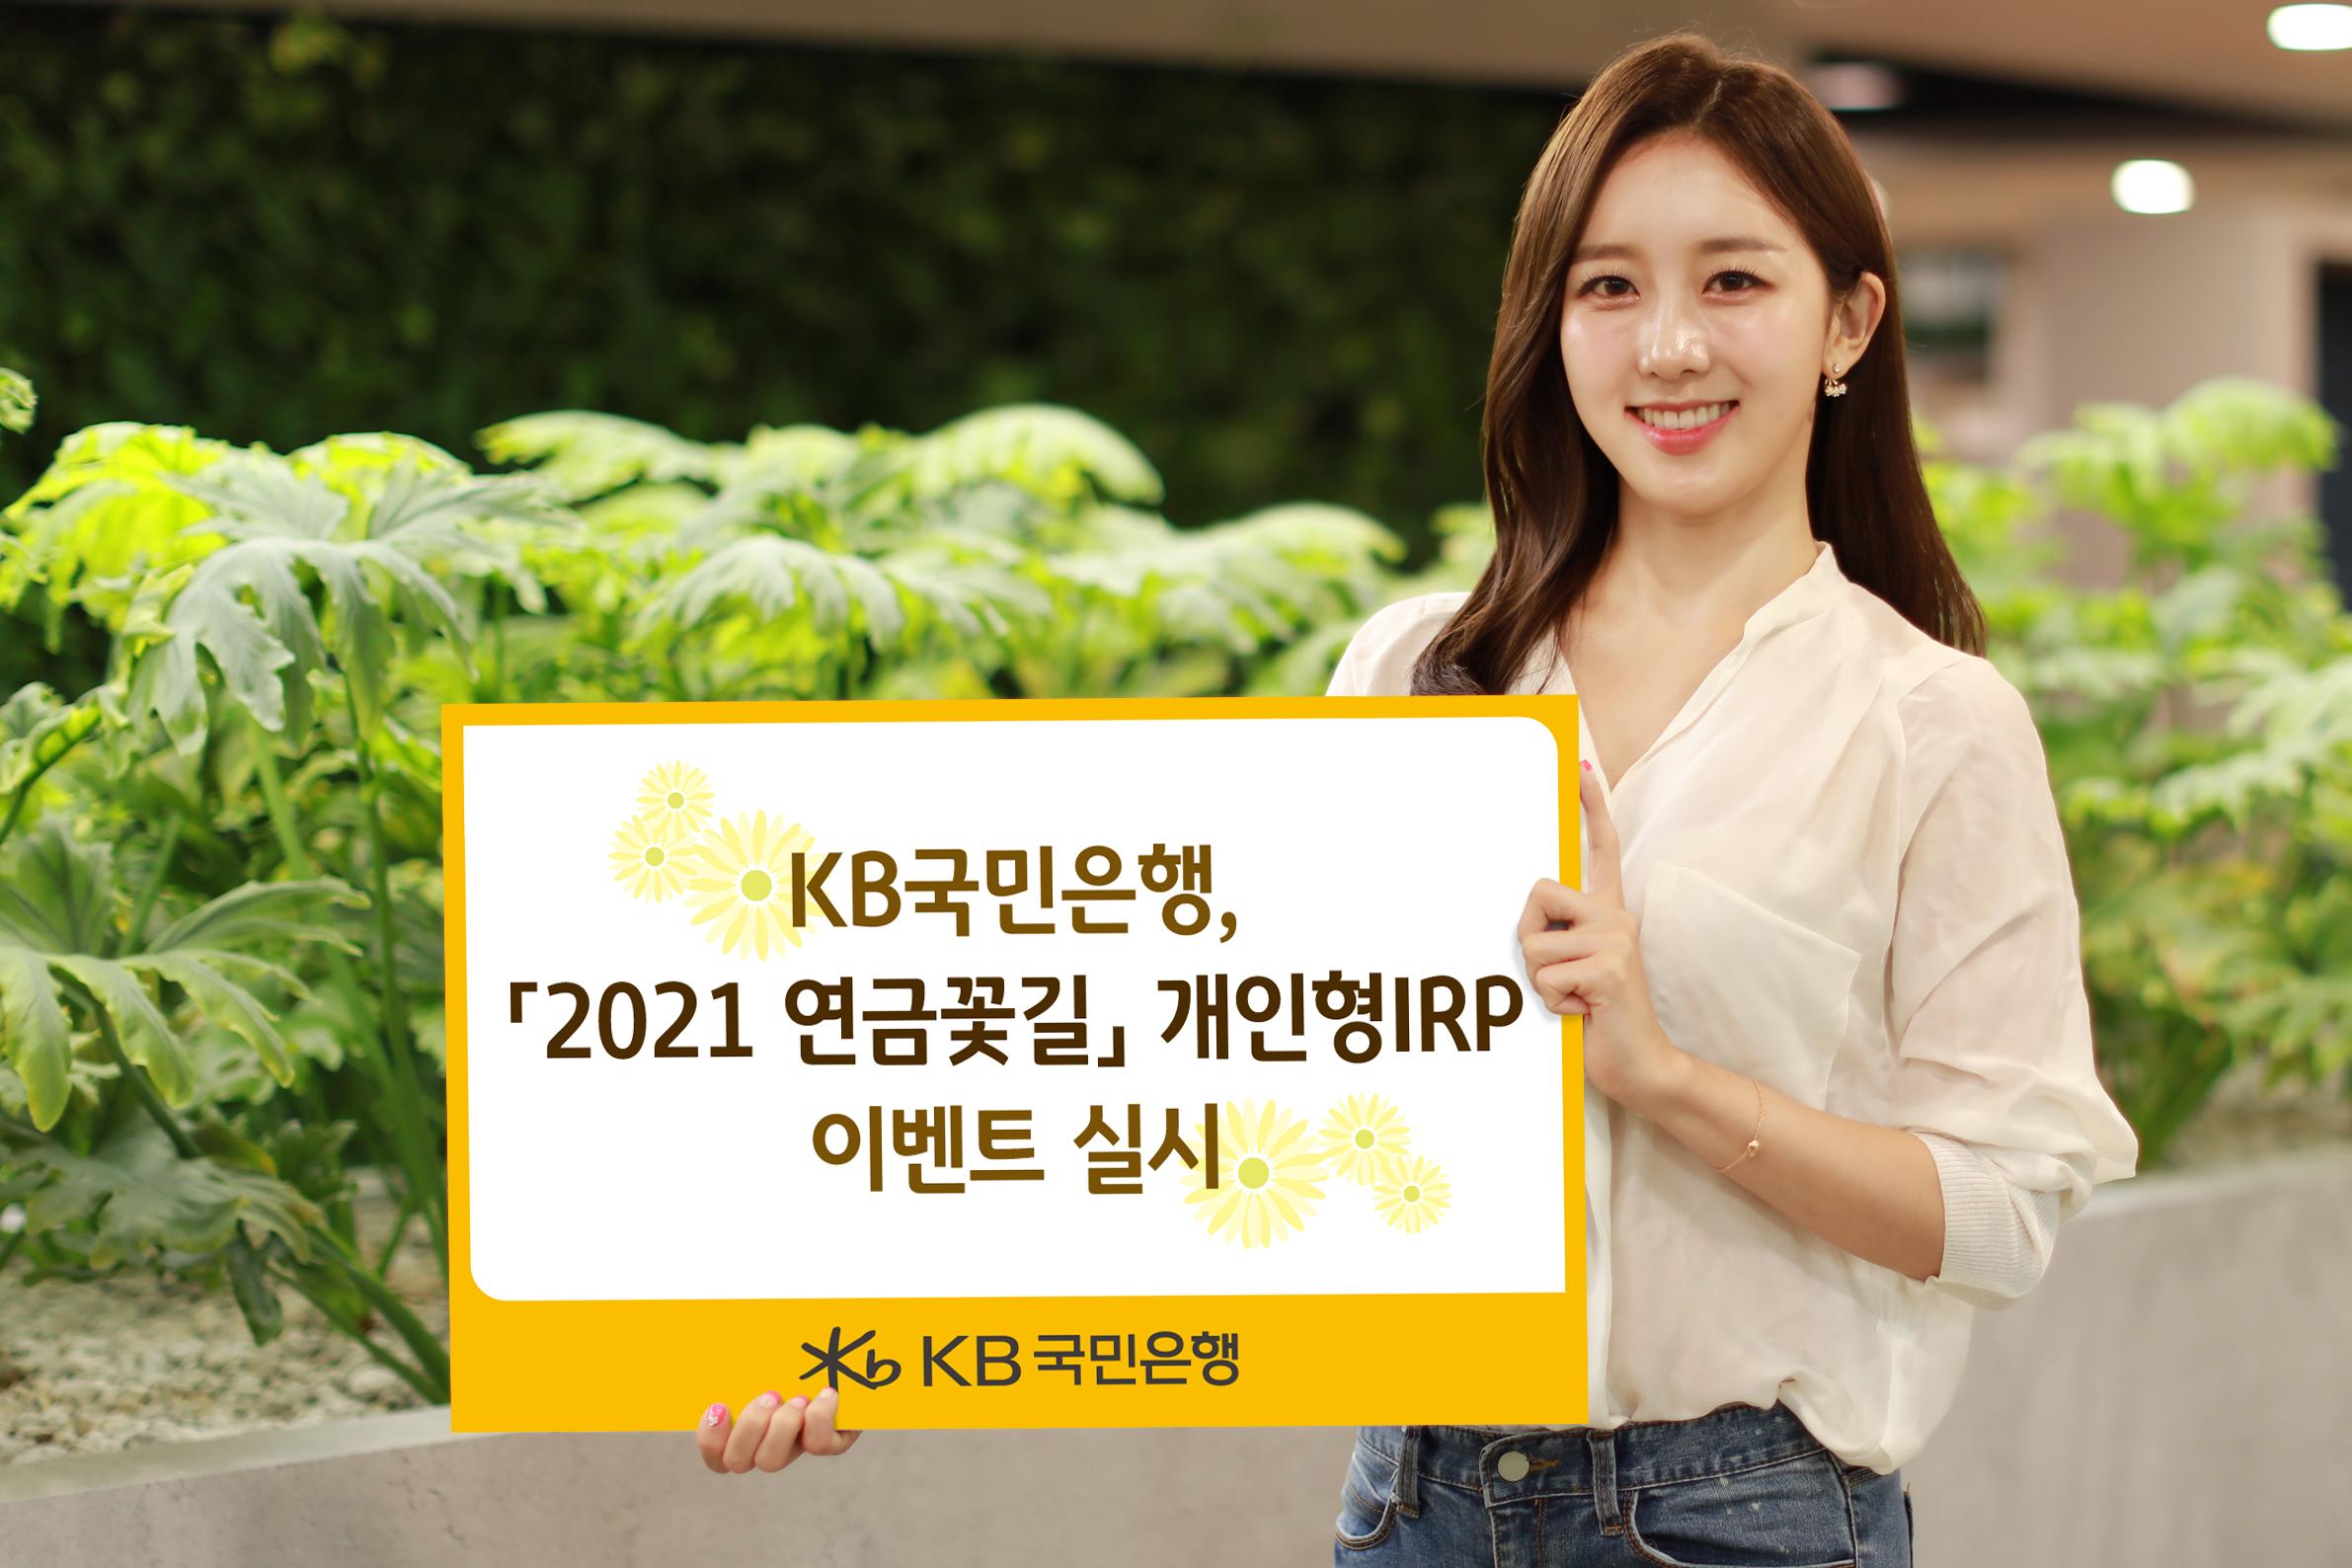 KB 국민은행, 『2021 연금꽃길』 개인형IRP 이벤트 실시